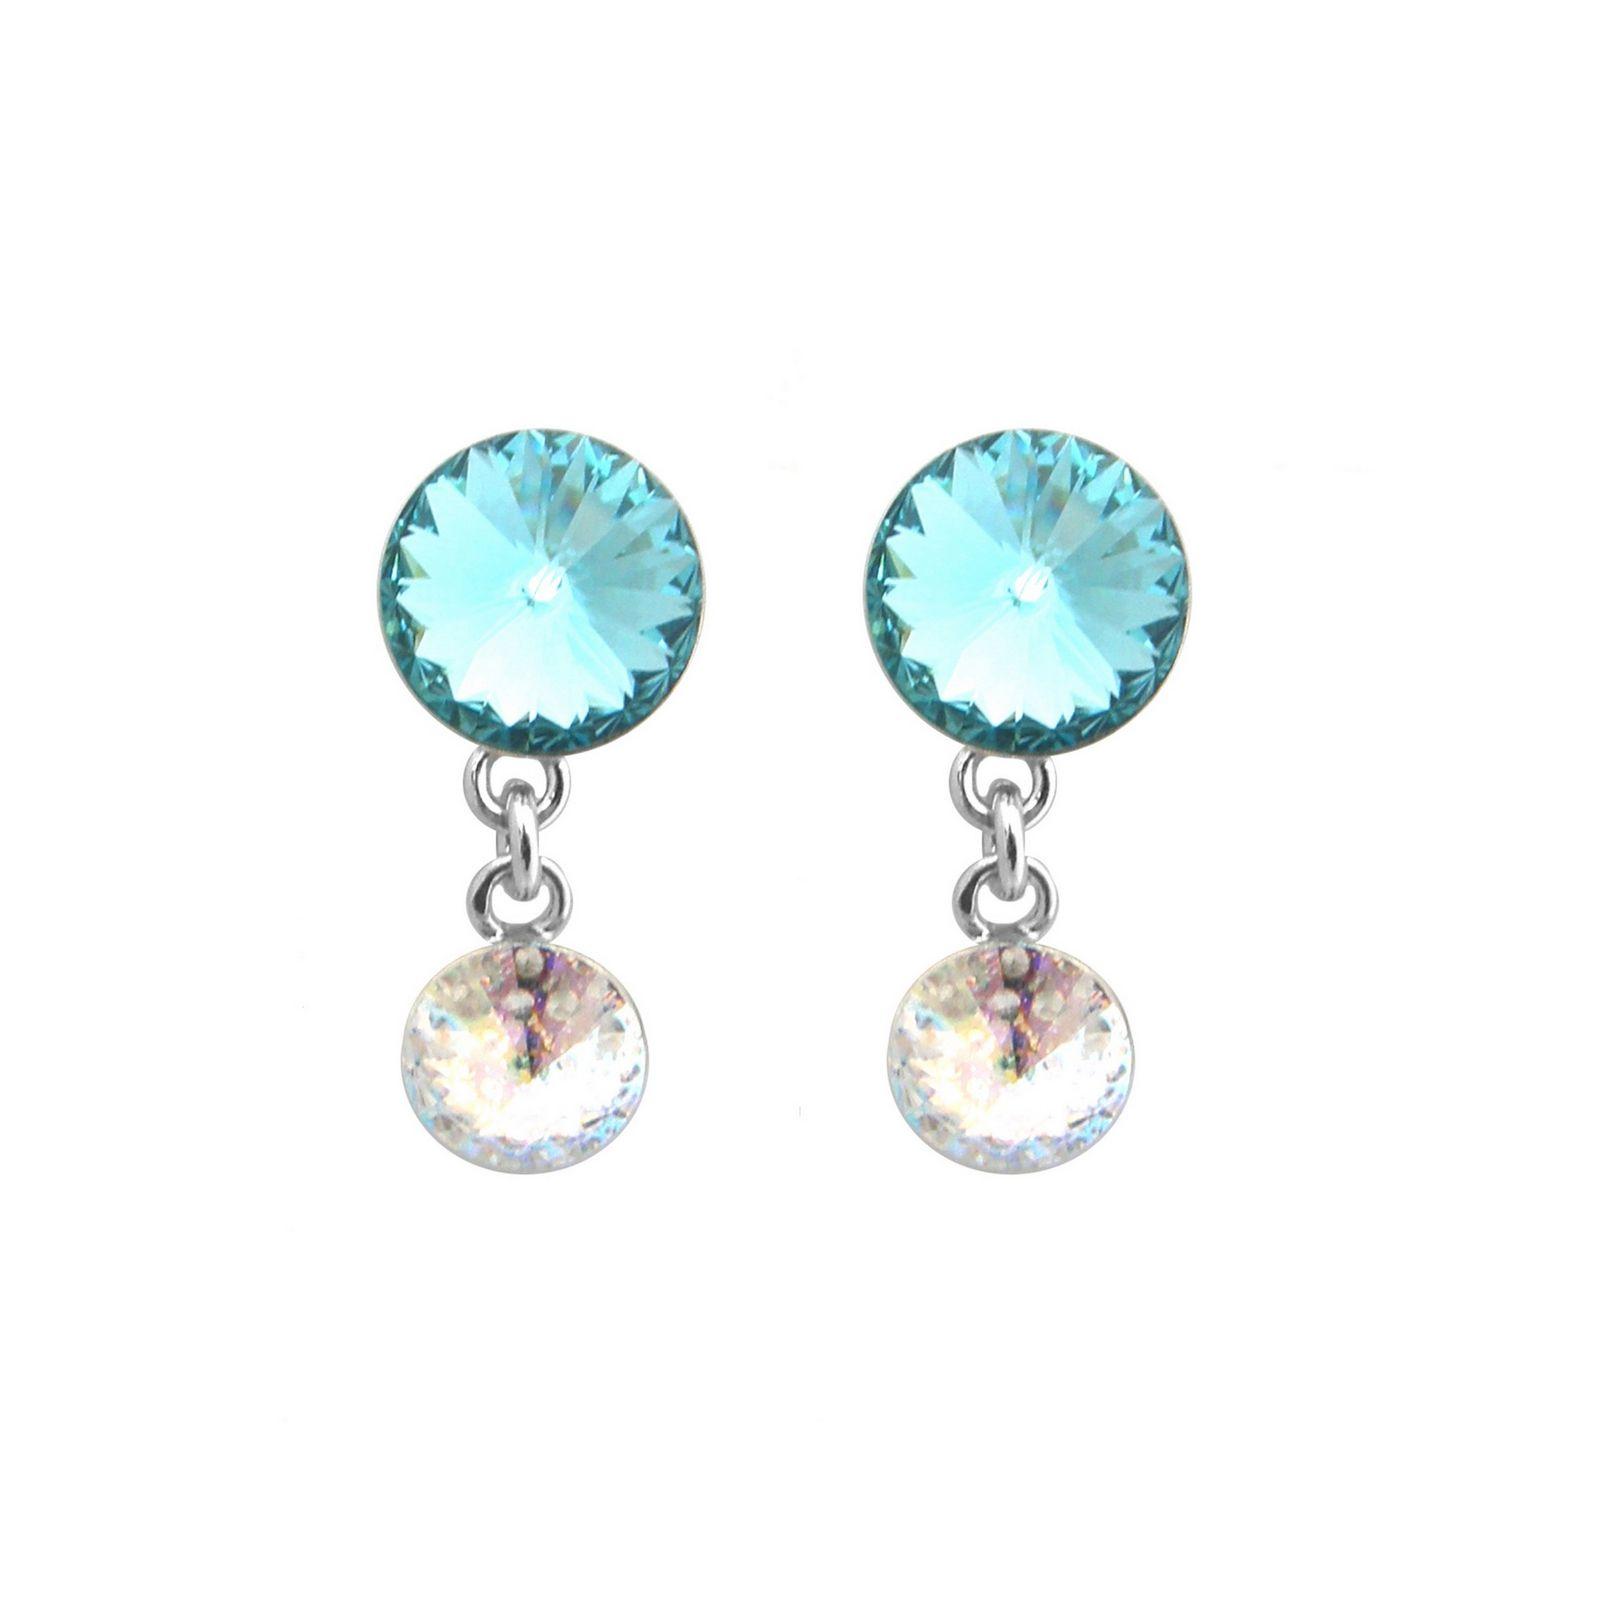 Boucles d'oreilles Indicolite Ricochet en argent et cristaux Swarovski turquoises et blancs